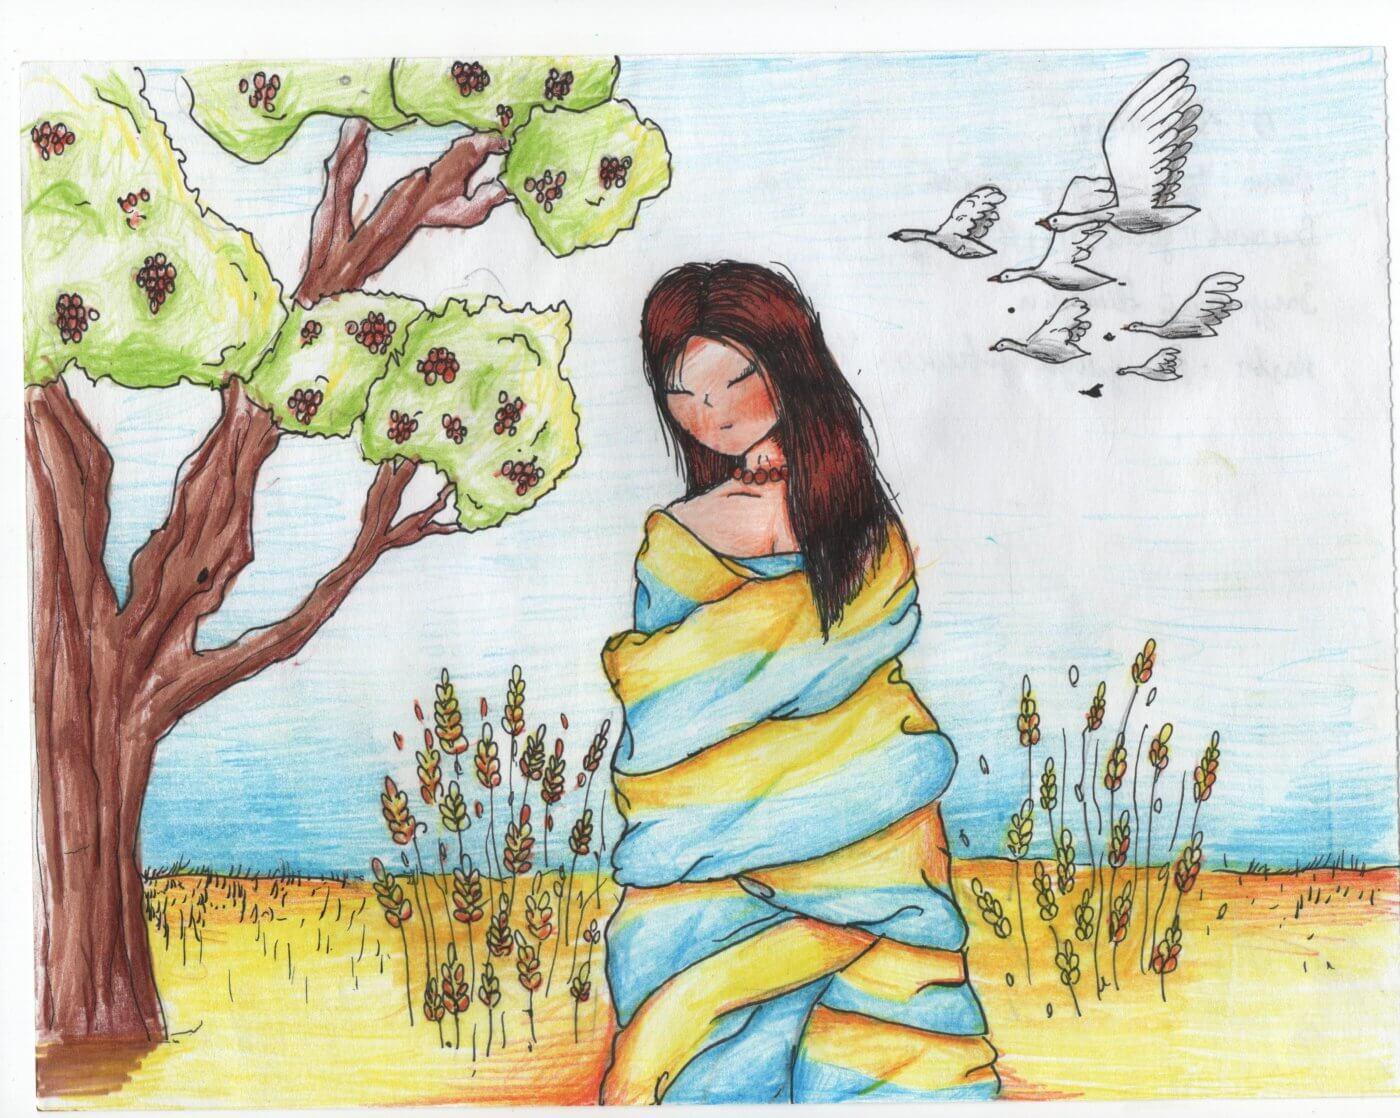 zagurskyj vitalij 1400x1118 - Всеукраїнський конкурс шкільних малюнків «Мої права»